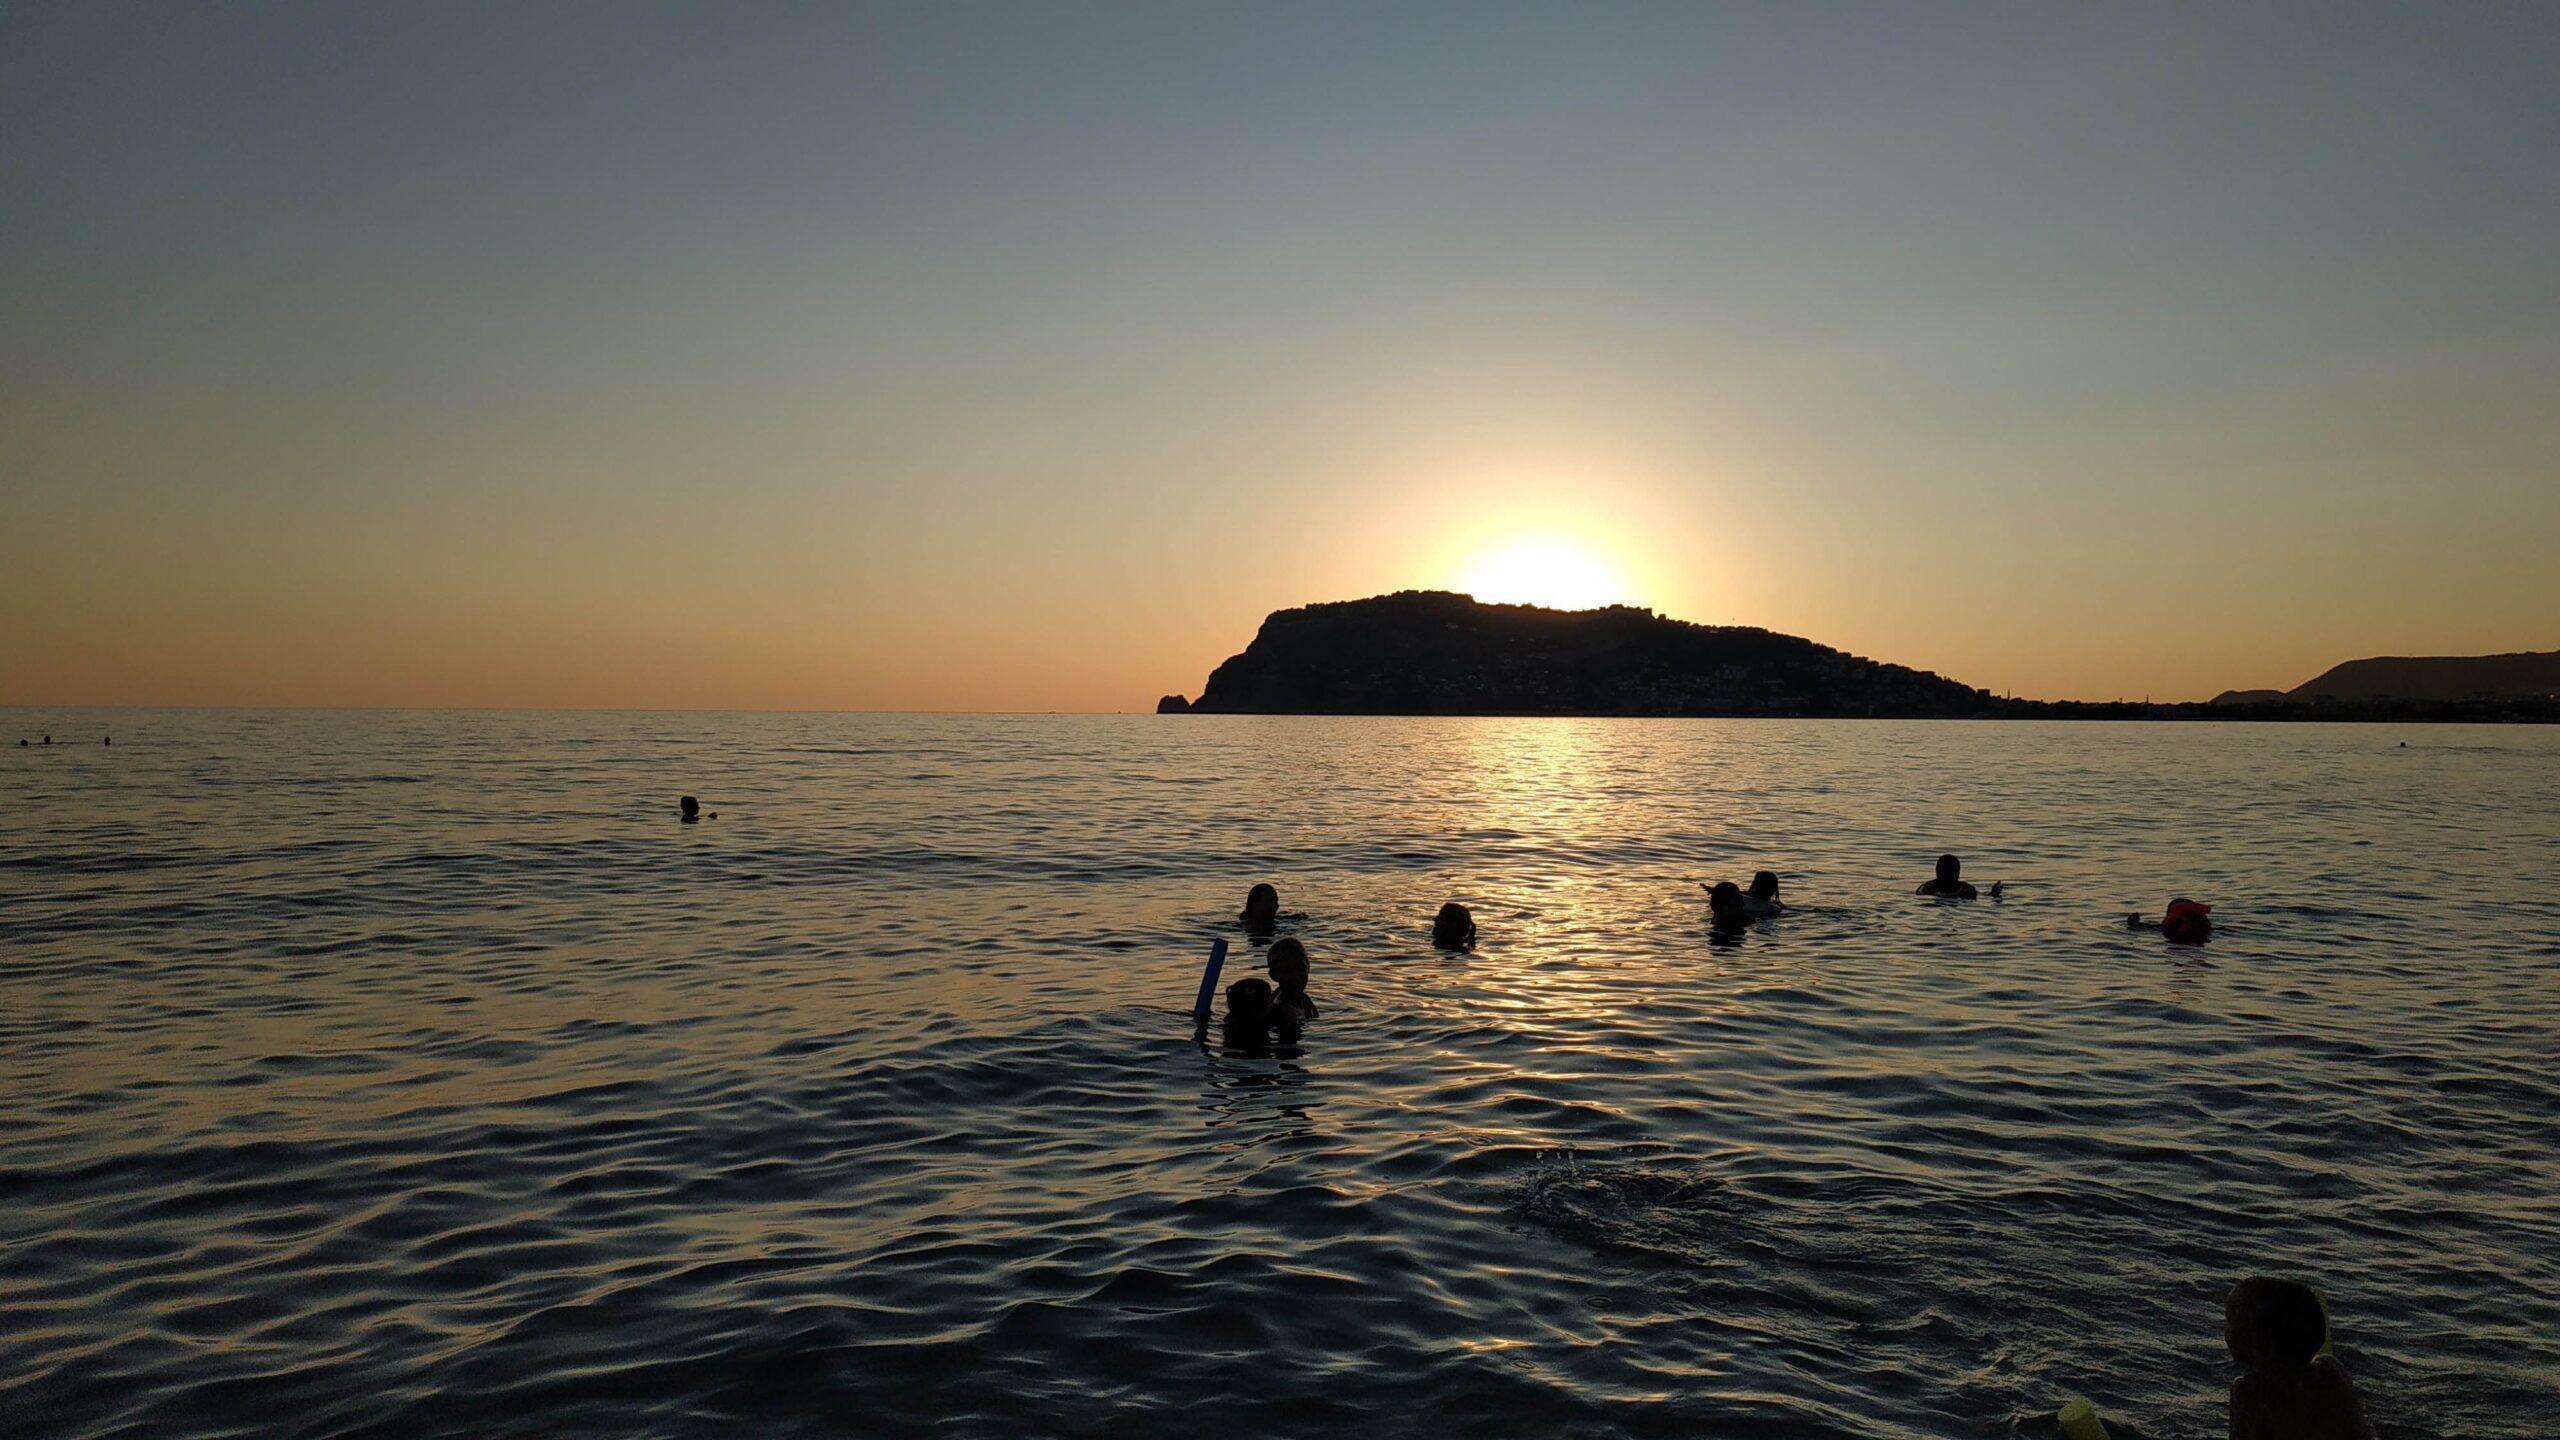 фото Пляж на закате